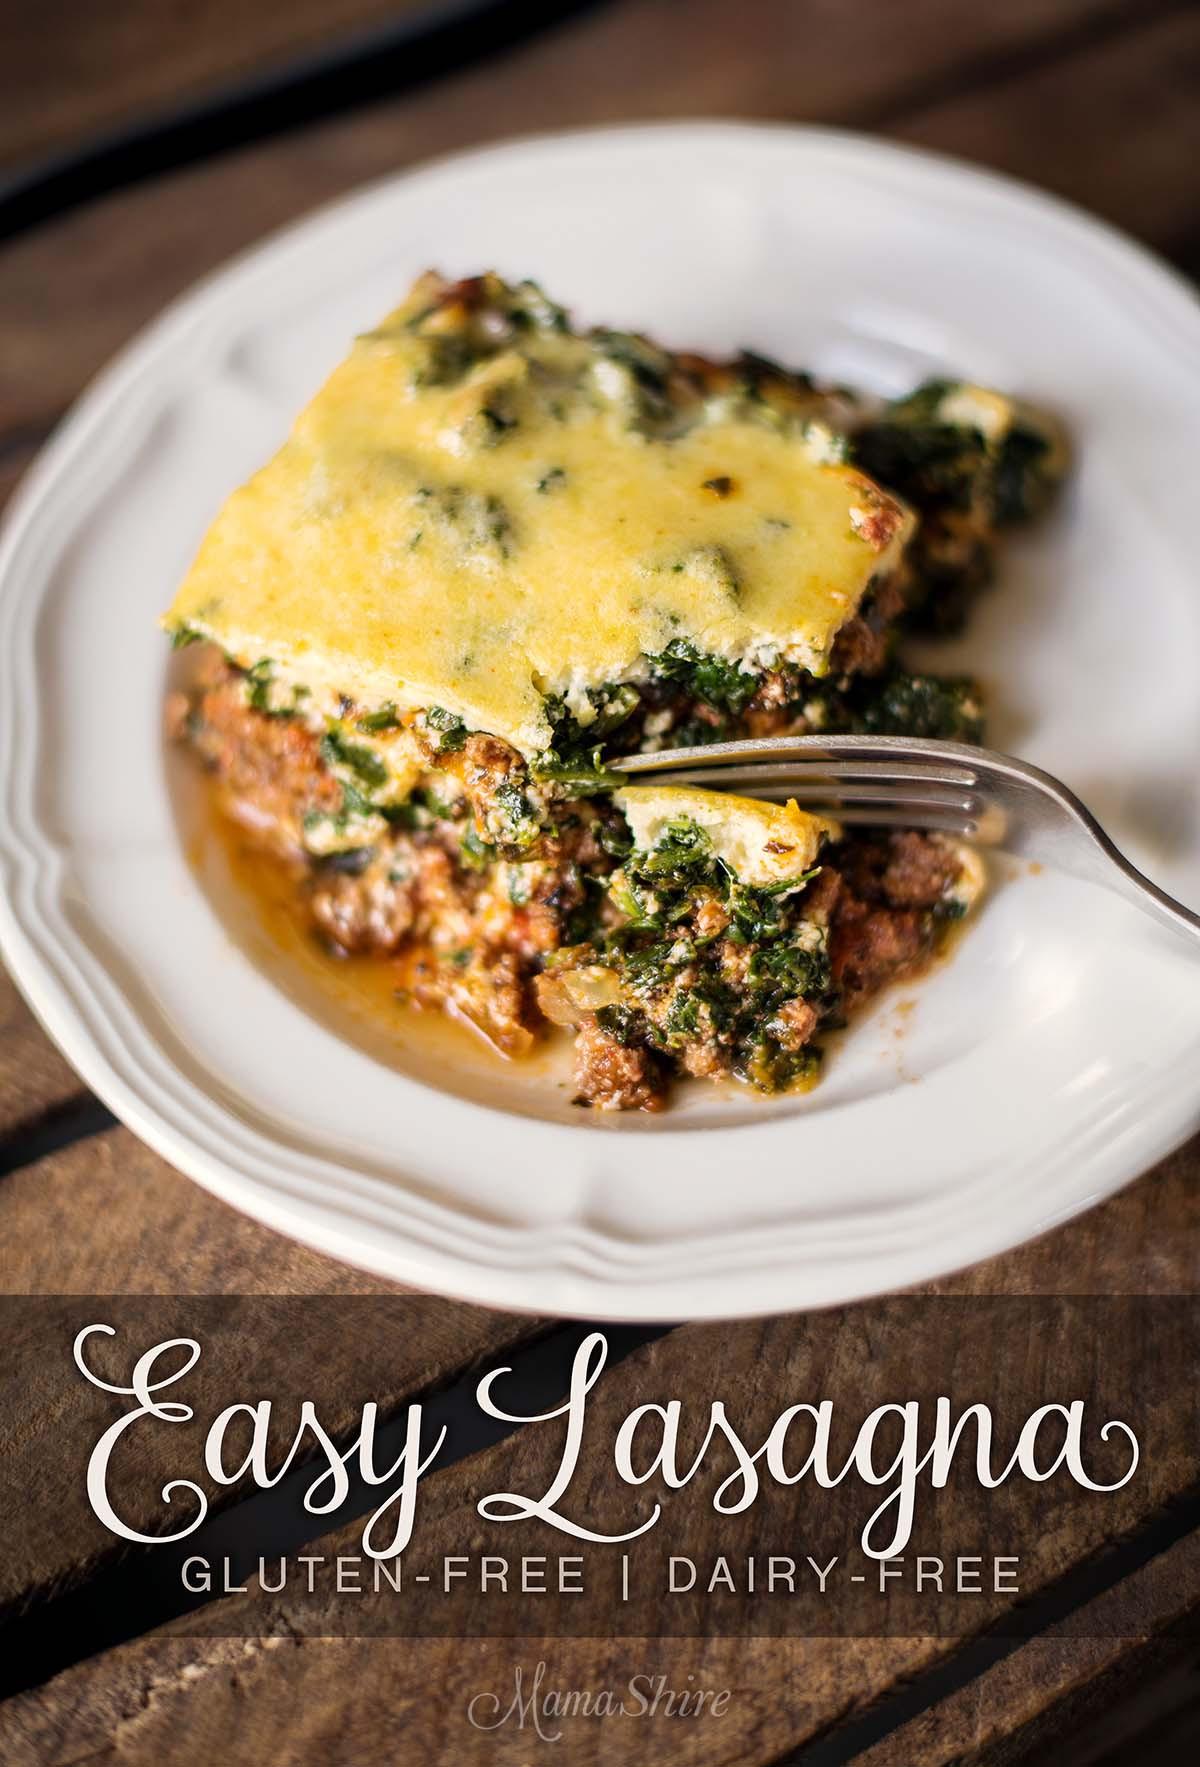 Gluten Free Dairy Free Lasagna  Easy Lasagna Gluten Free & Dairy Free MamaShireMamaShire